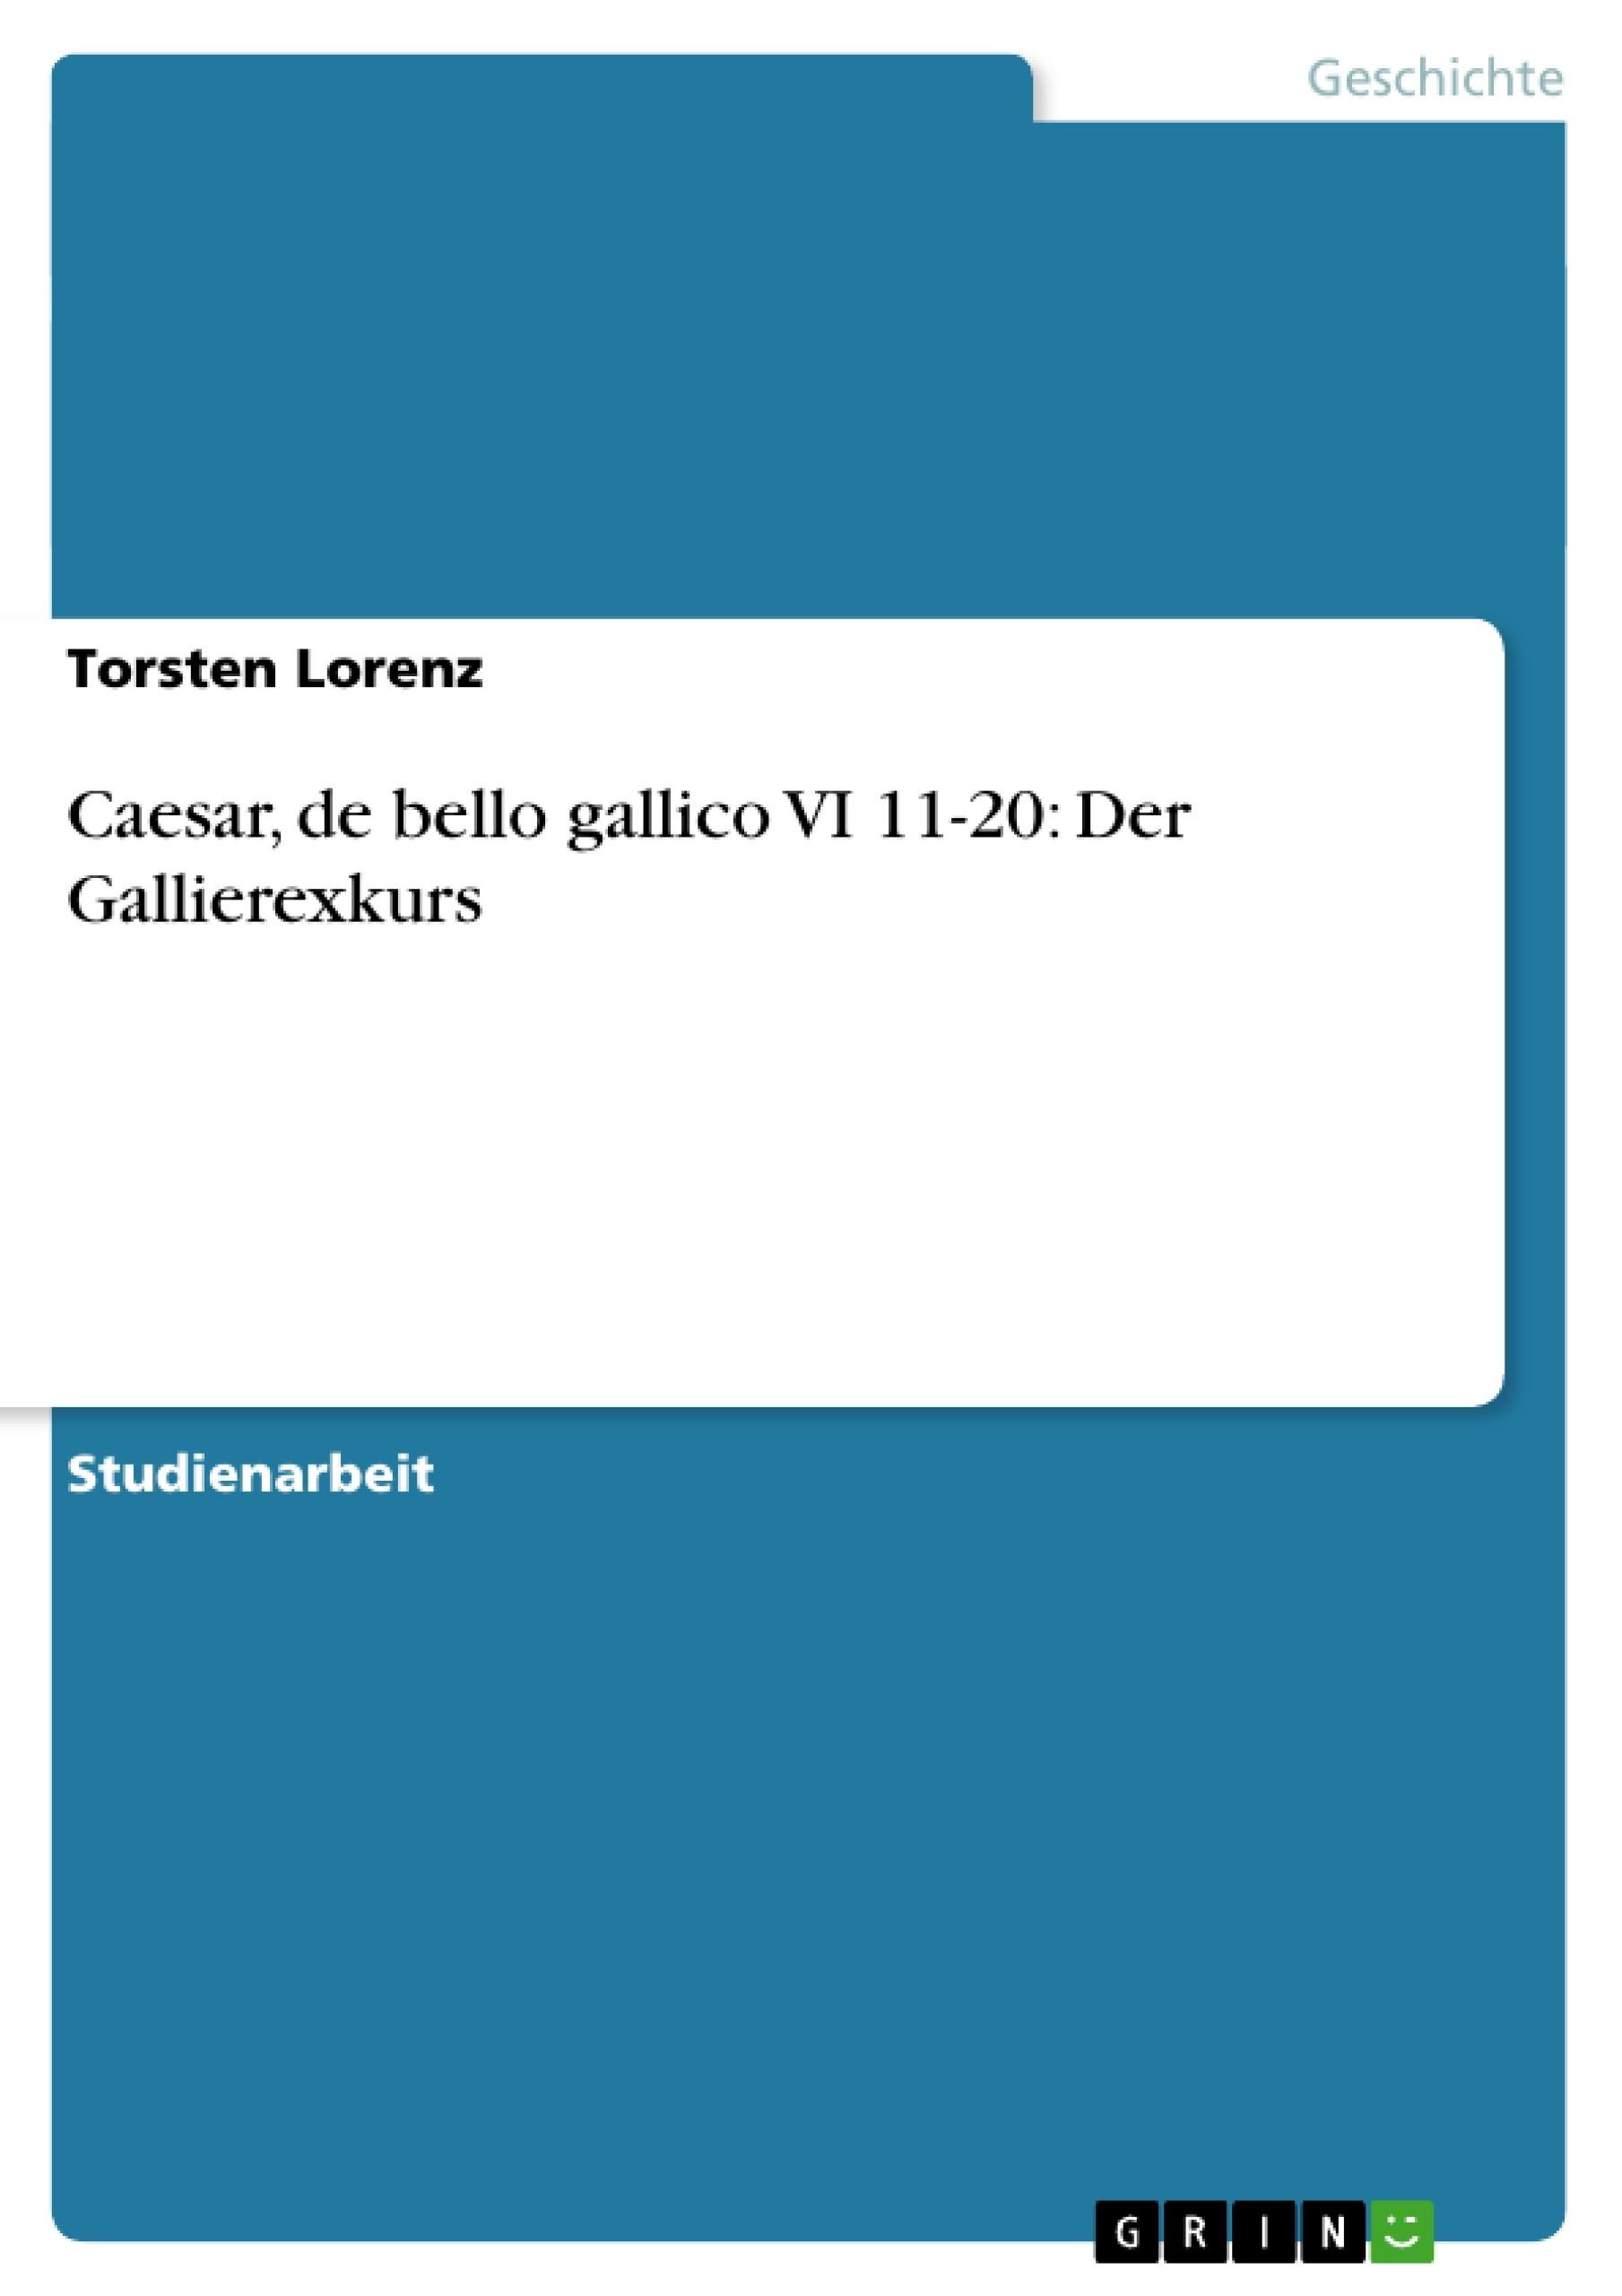 Titel: Caesar, de bello gallico VI 11-20: Der Gallierexkurs